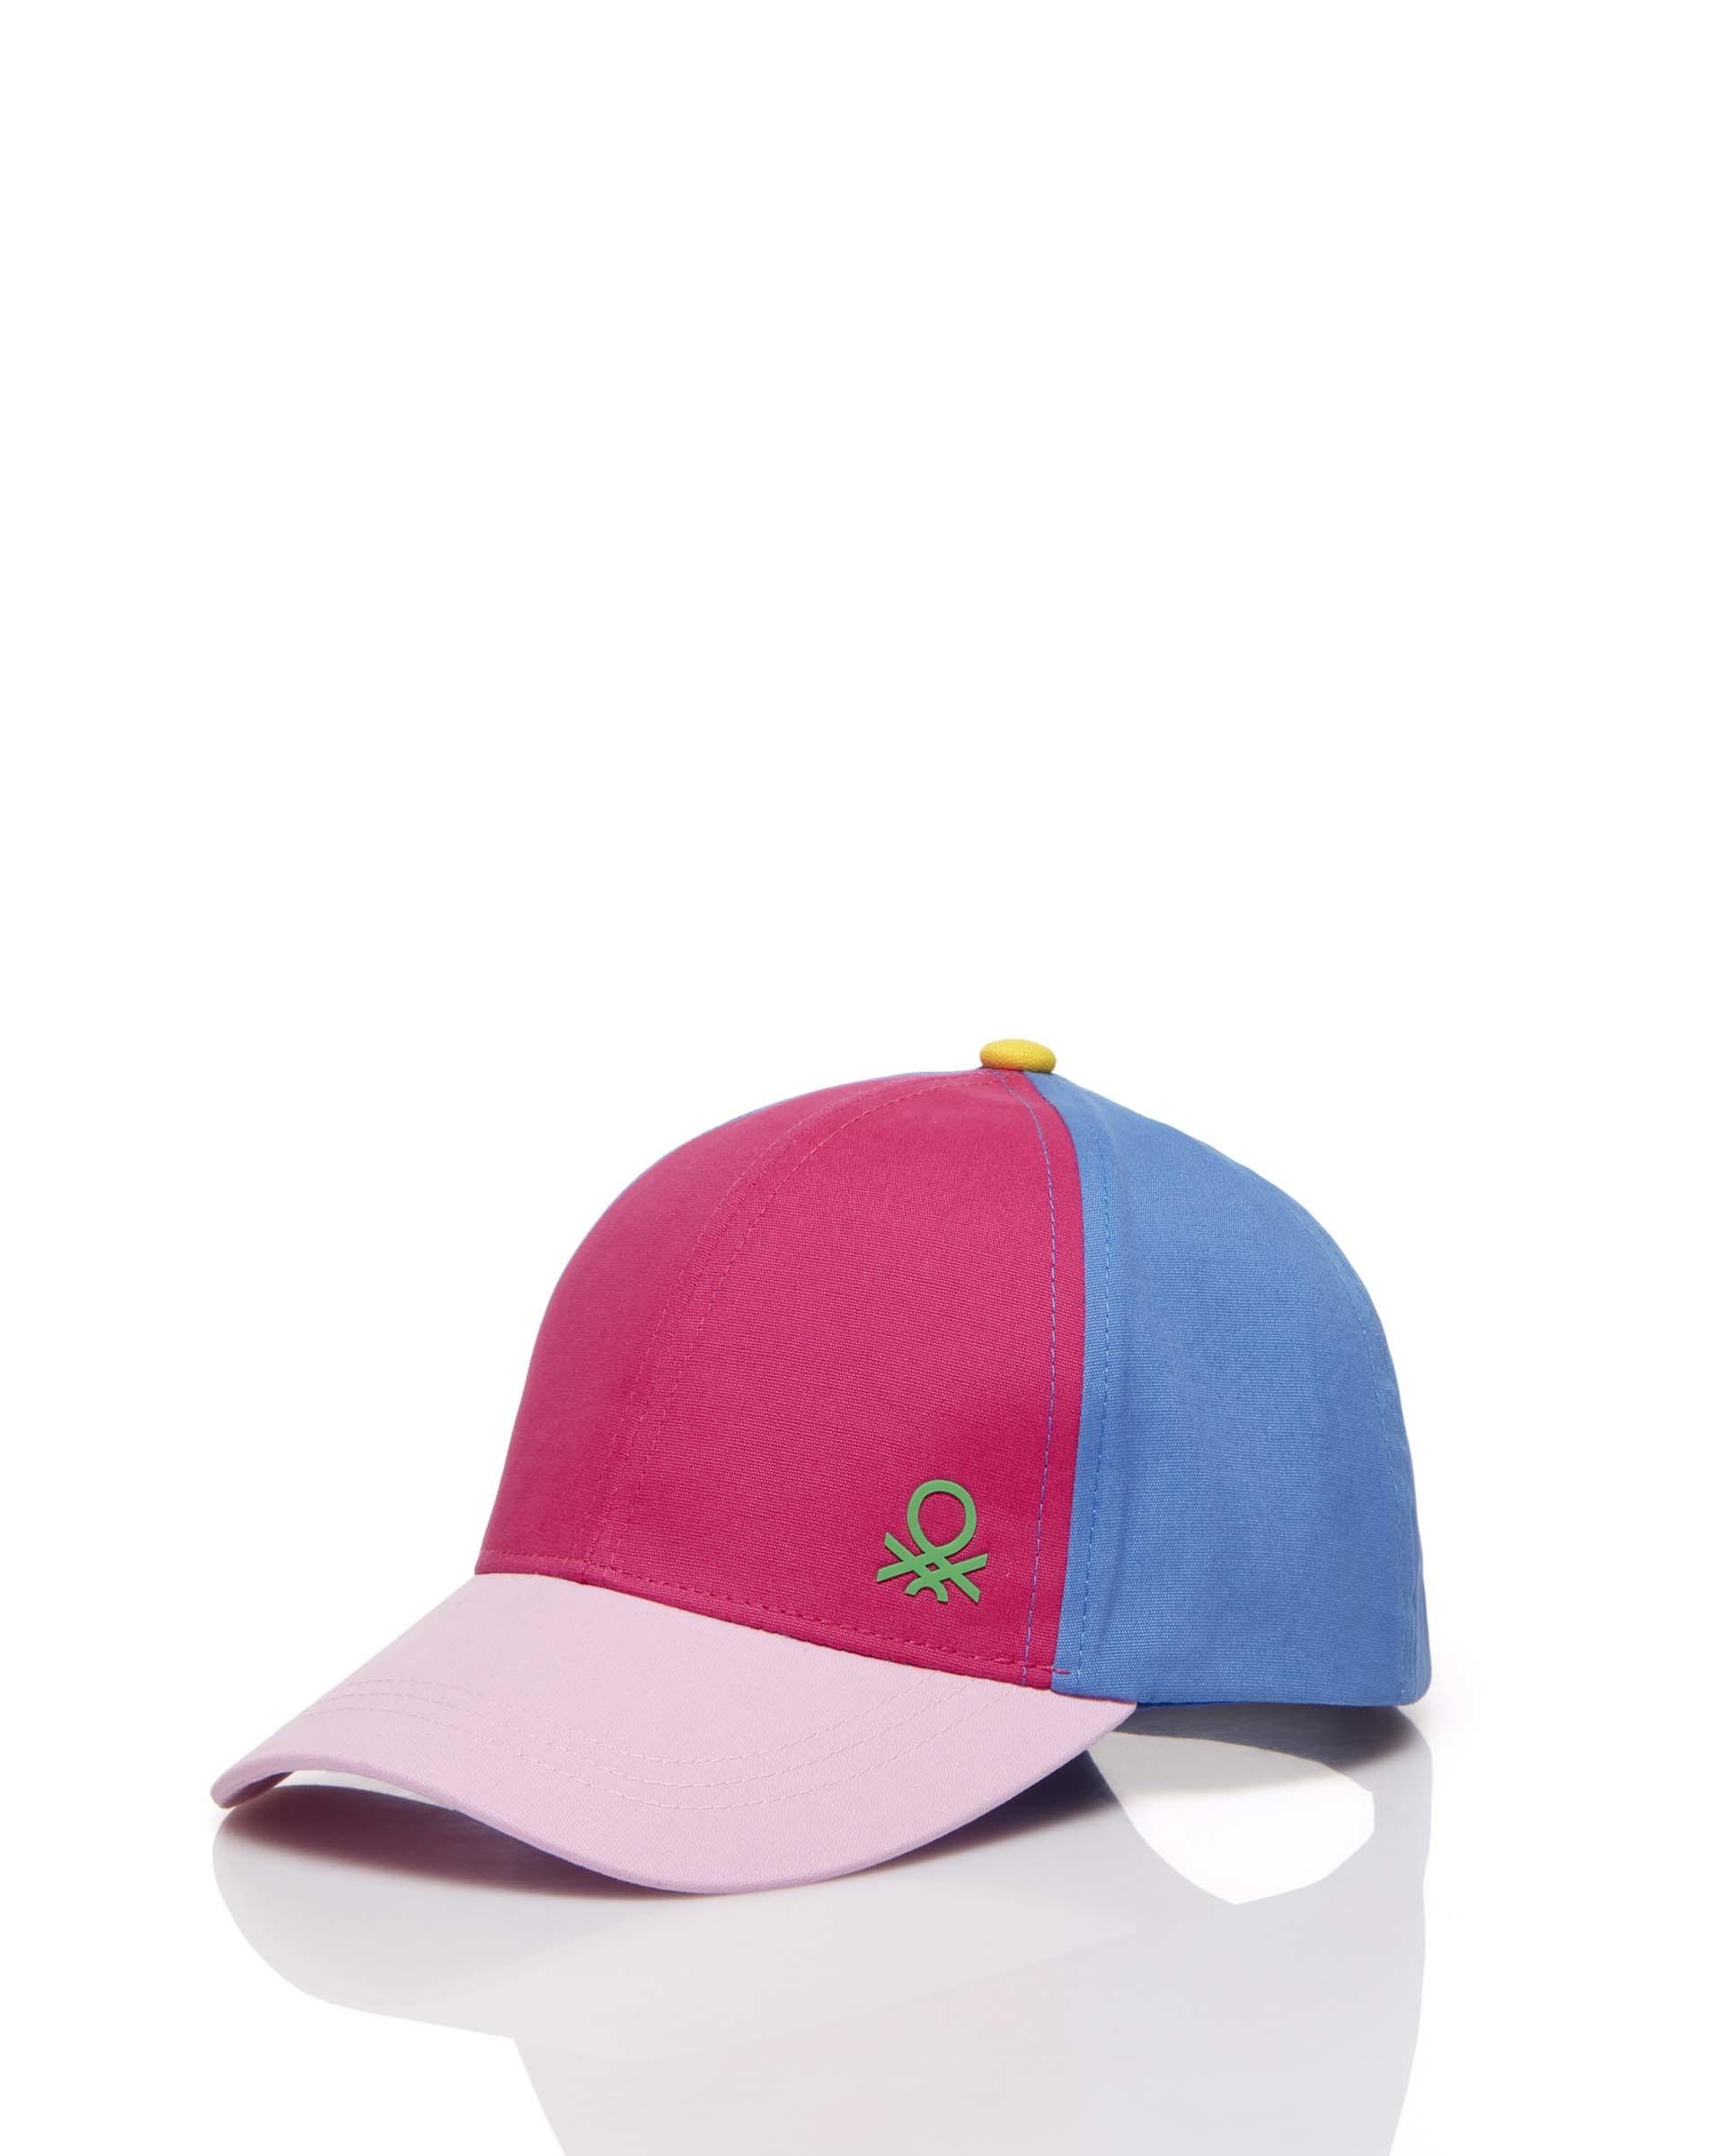 Купить 20P_6GOQB428F_902, Кепка для мальчиков Benetton 6GOQB428F_902 р-р 140, United Colors of Benetton, Детские кепки